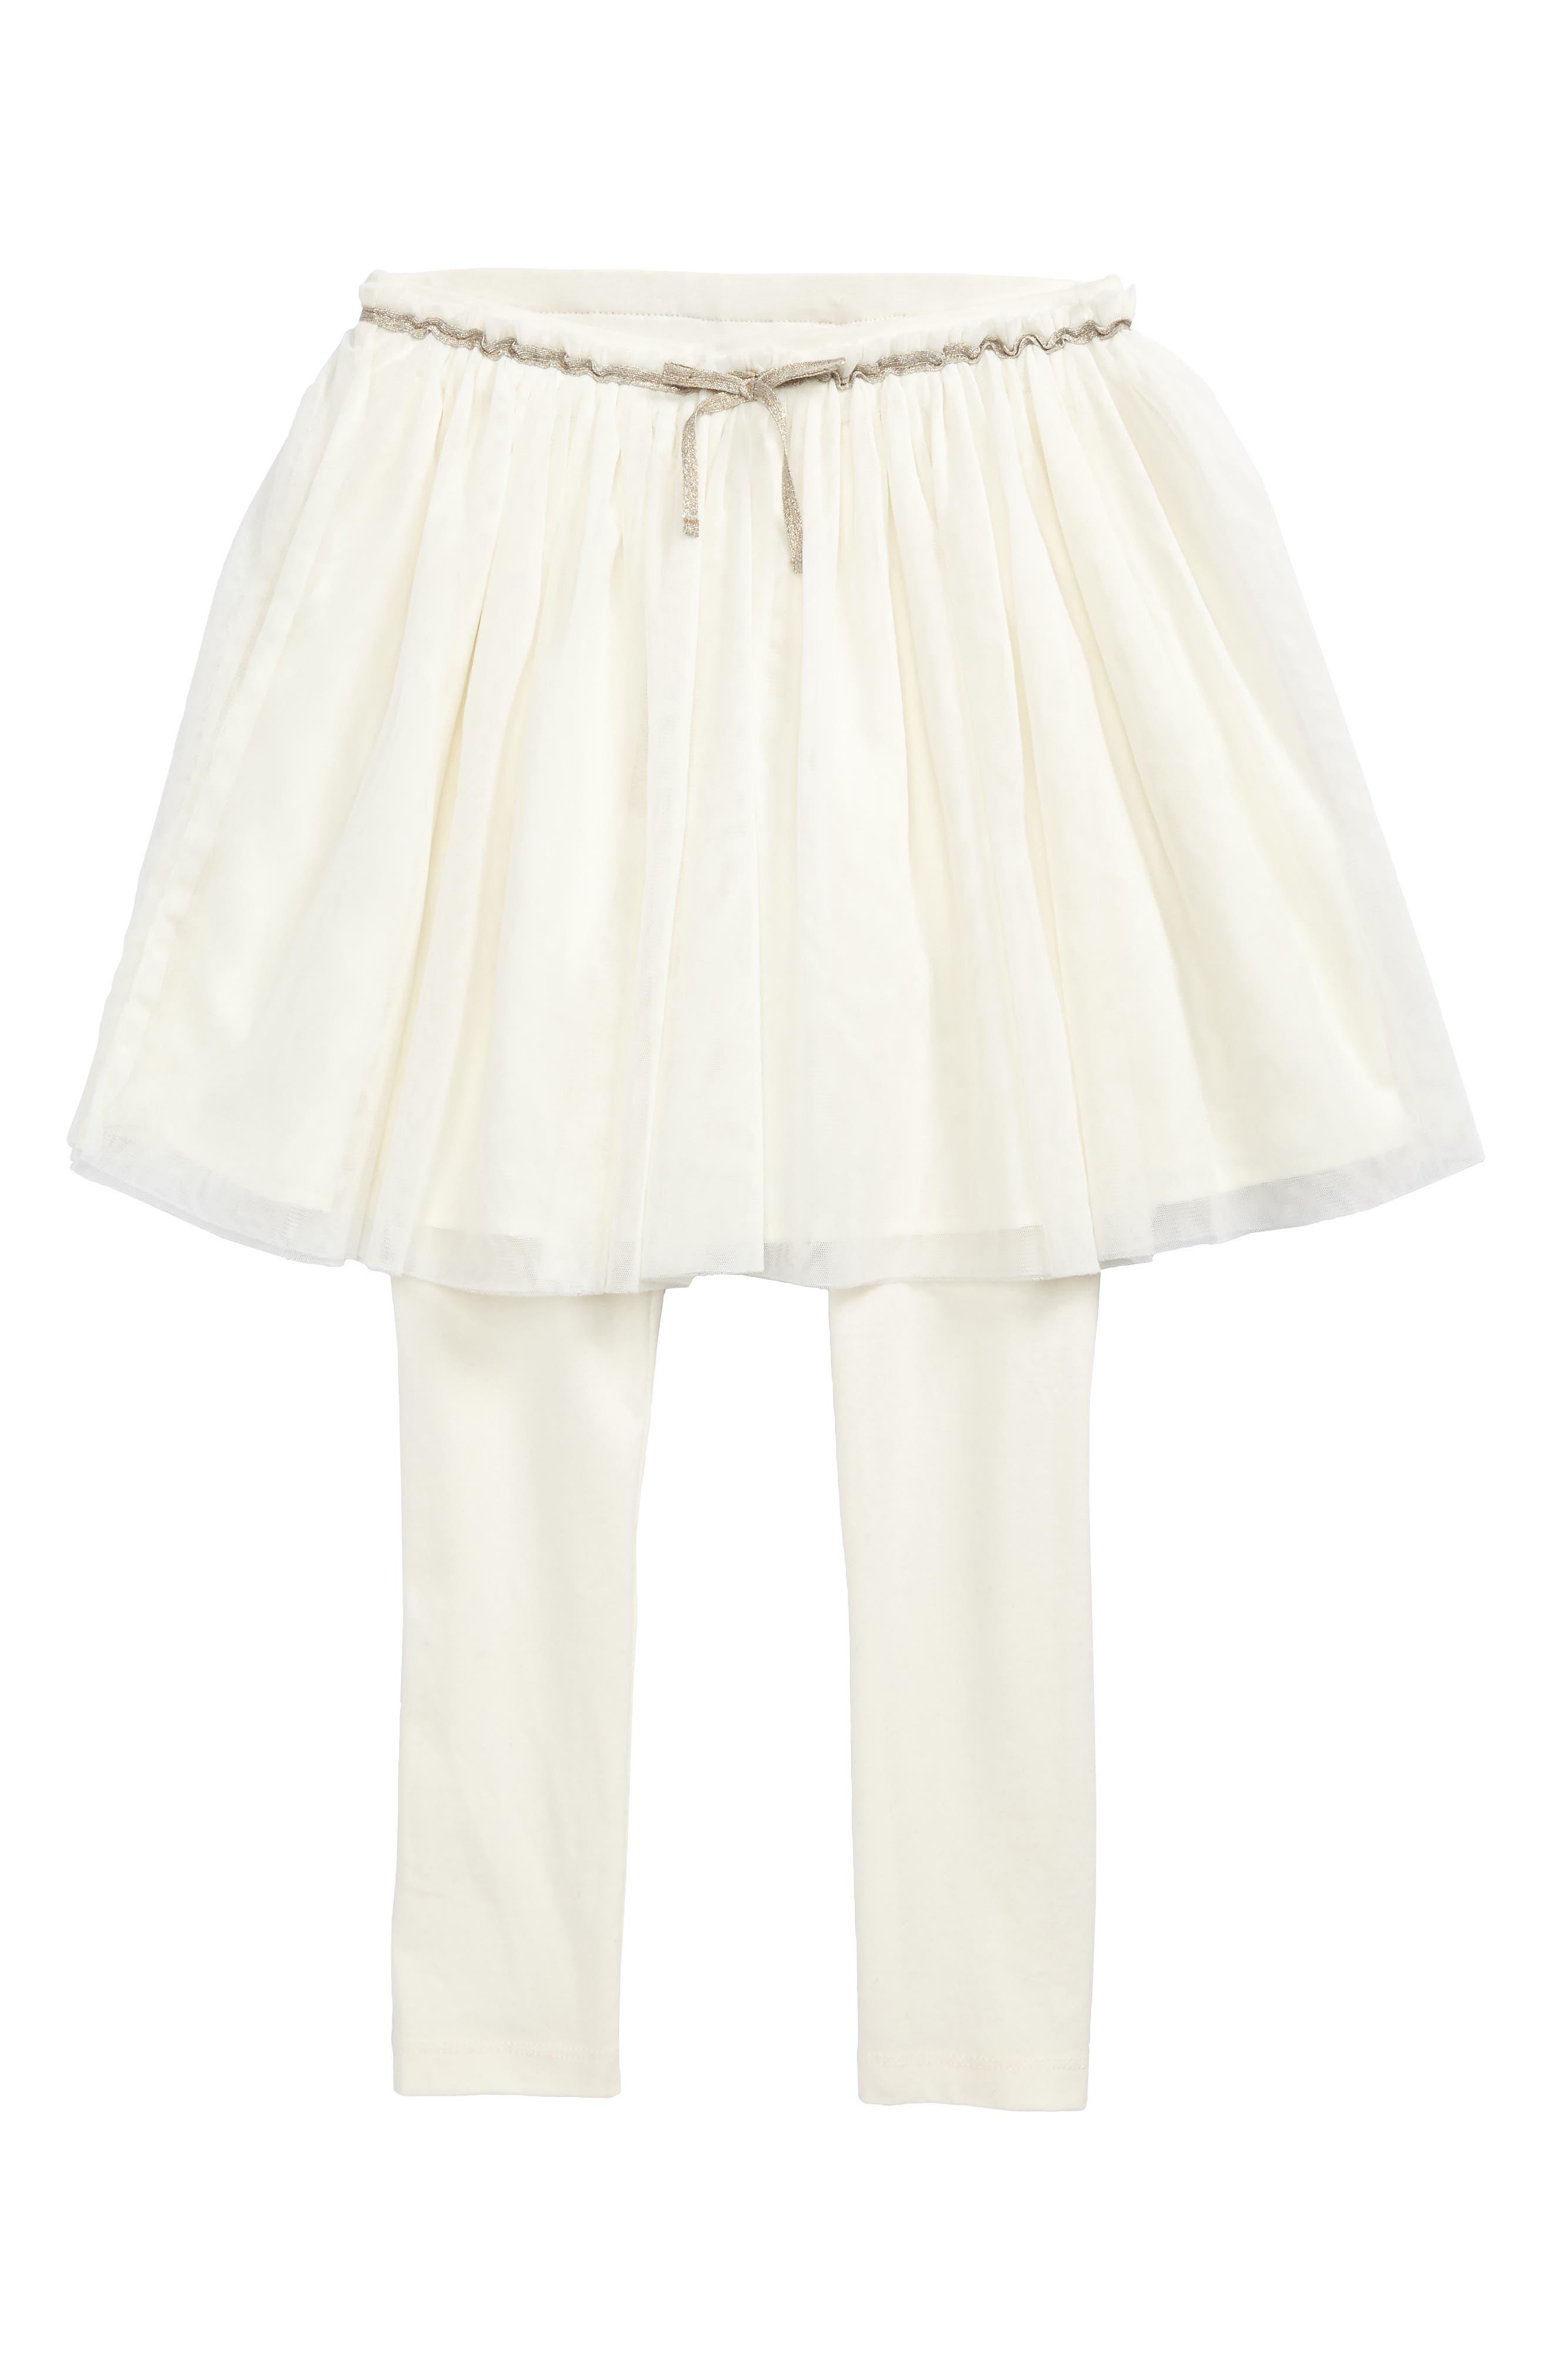 Alternate Image 1 Selected - Tucker + Tate Skirted Leggings (Toddler Girls, Little Girls & Big Girls)